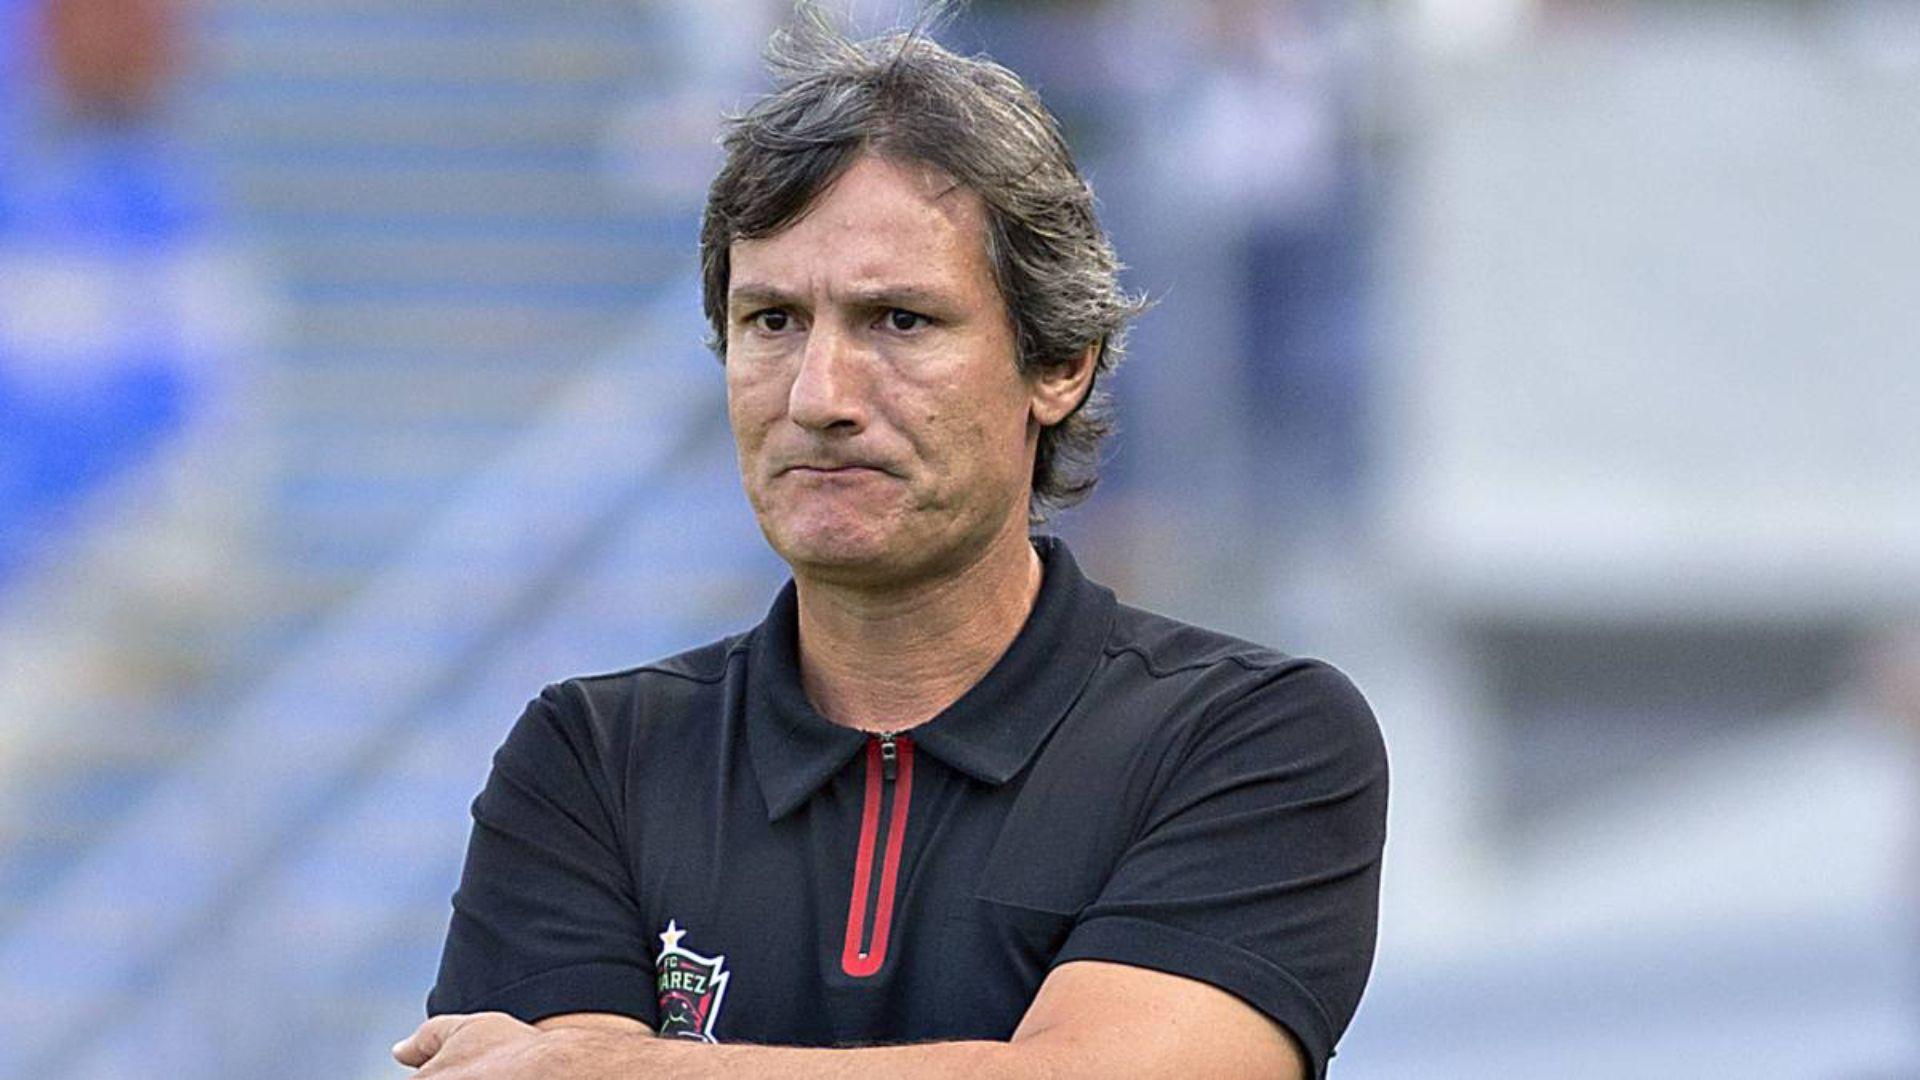 El futbolista sudamericano será entrenado por Gabriel Caballero, el argentino nacionalizado mexicano (Foto: Archivo)